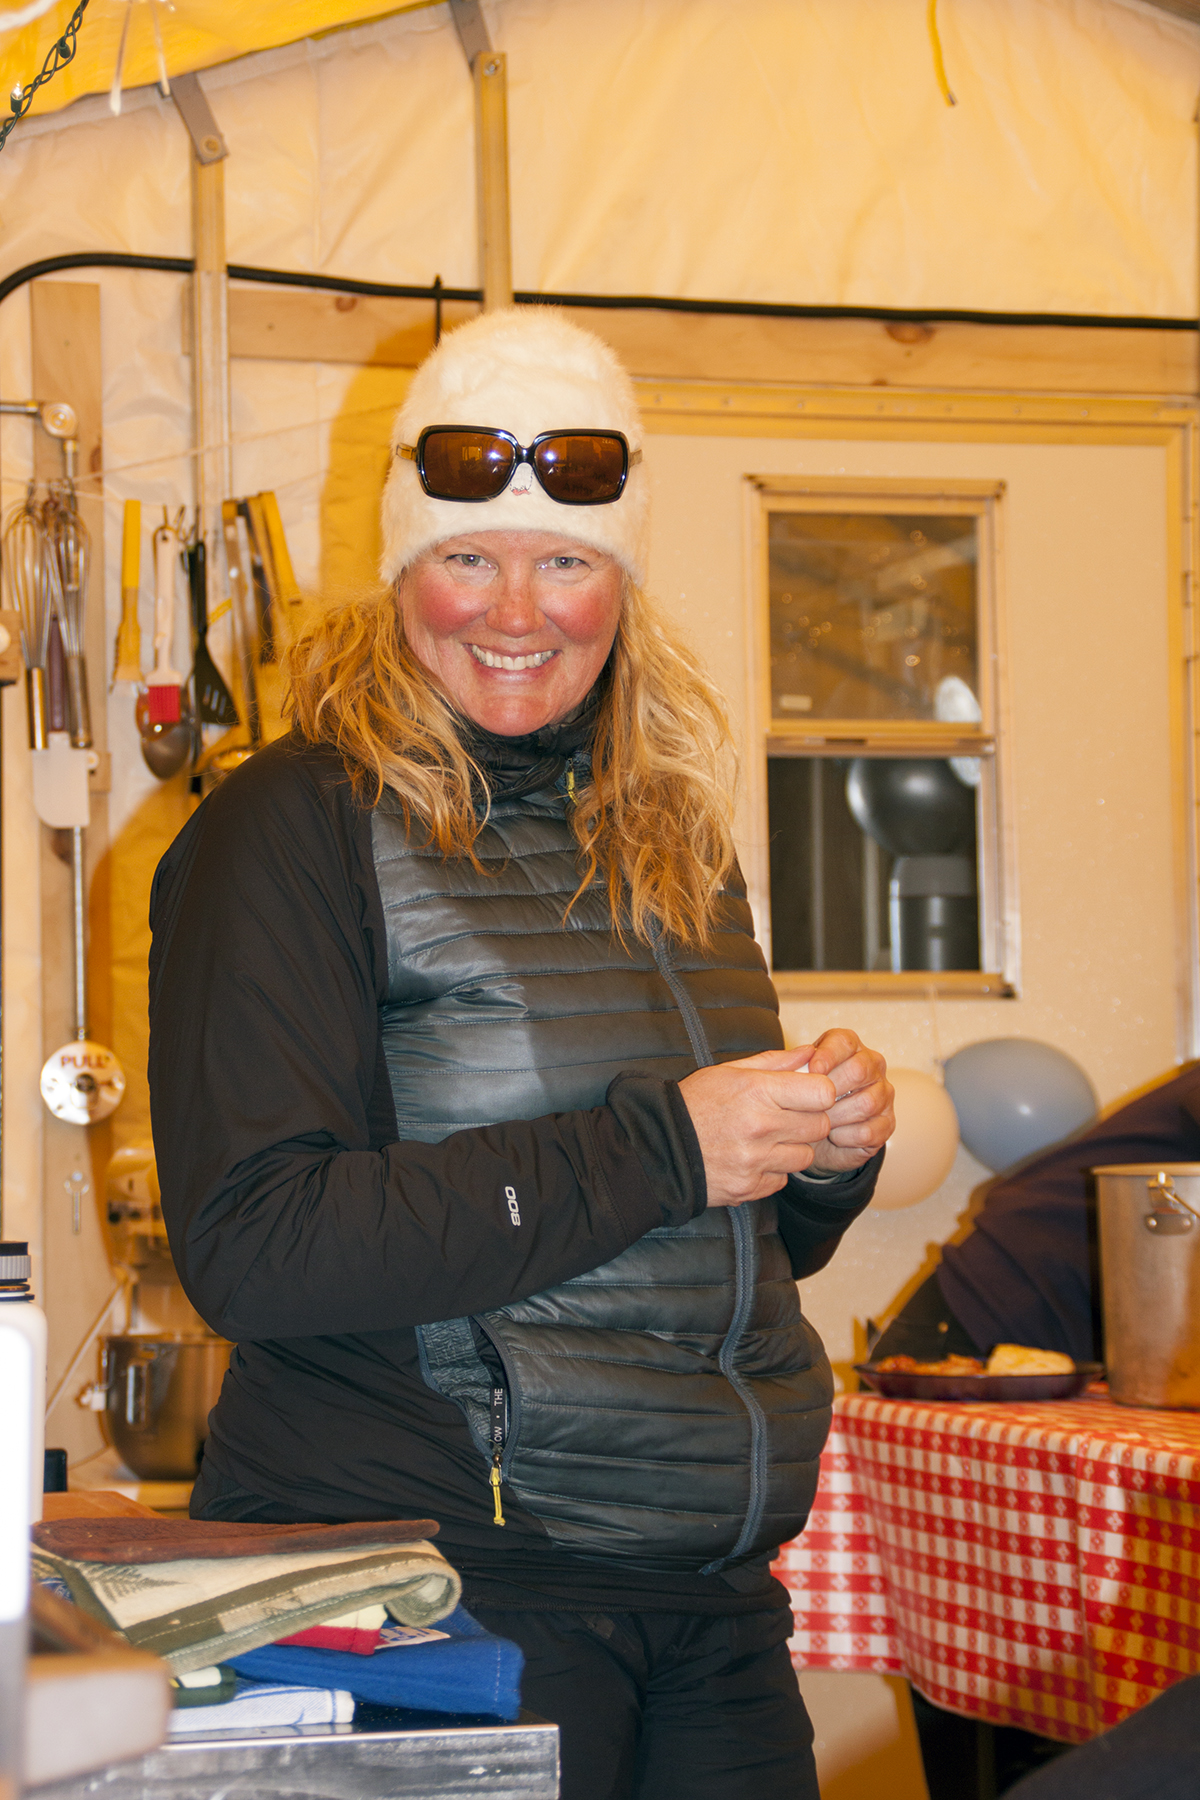 Stacie, Shackleton cook